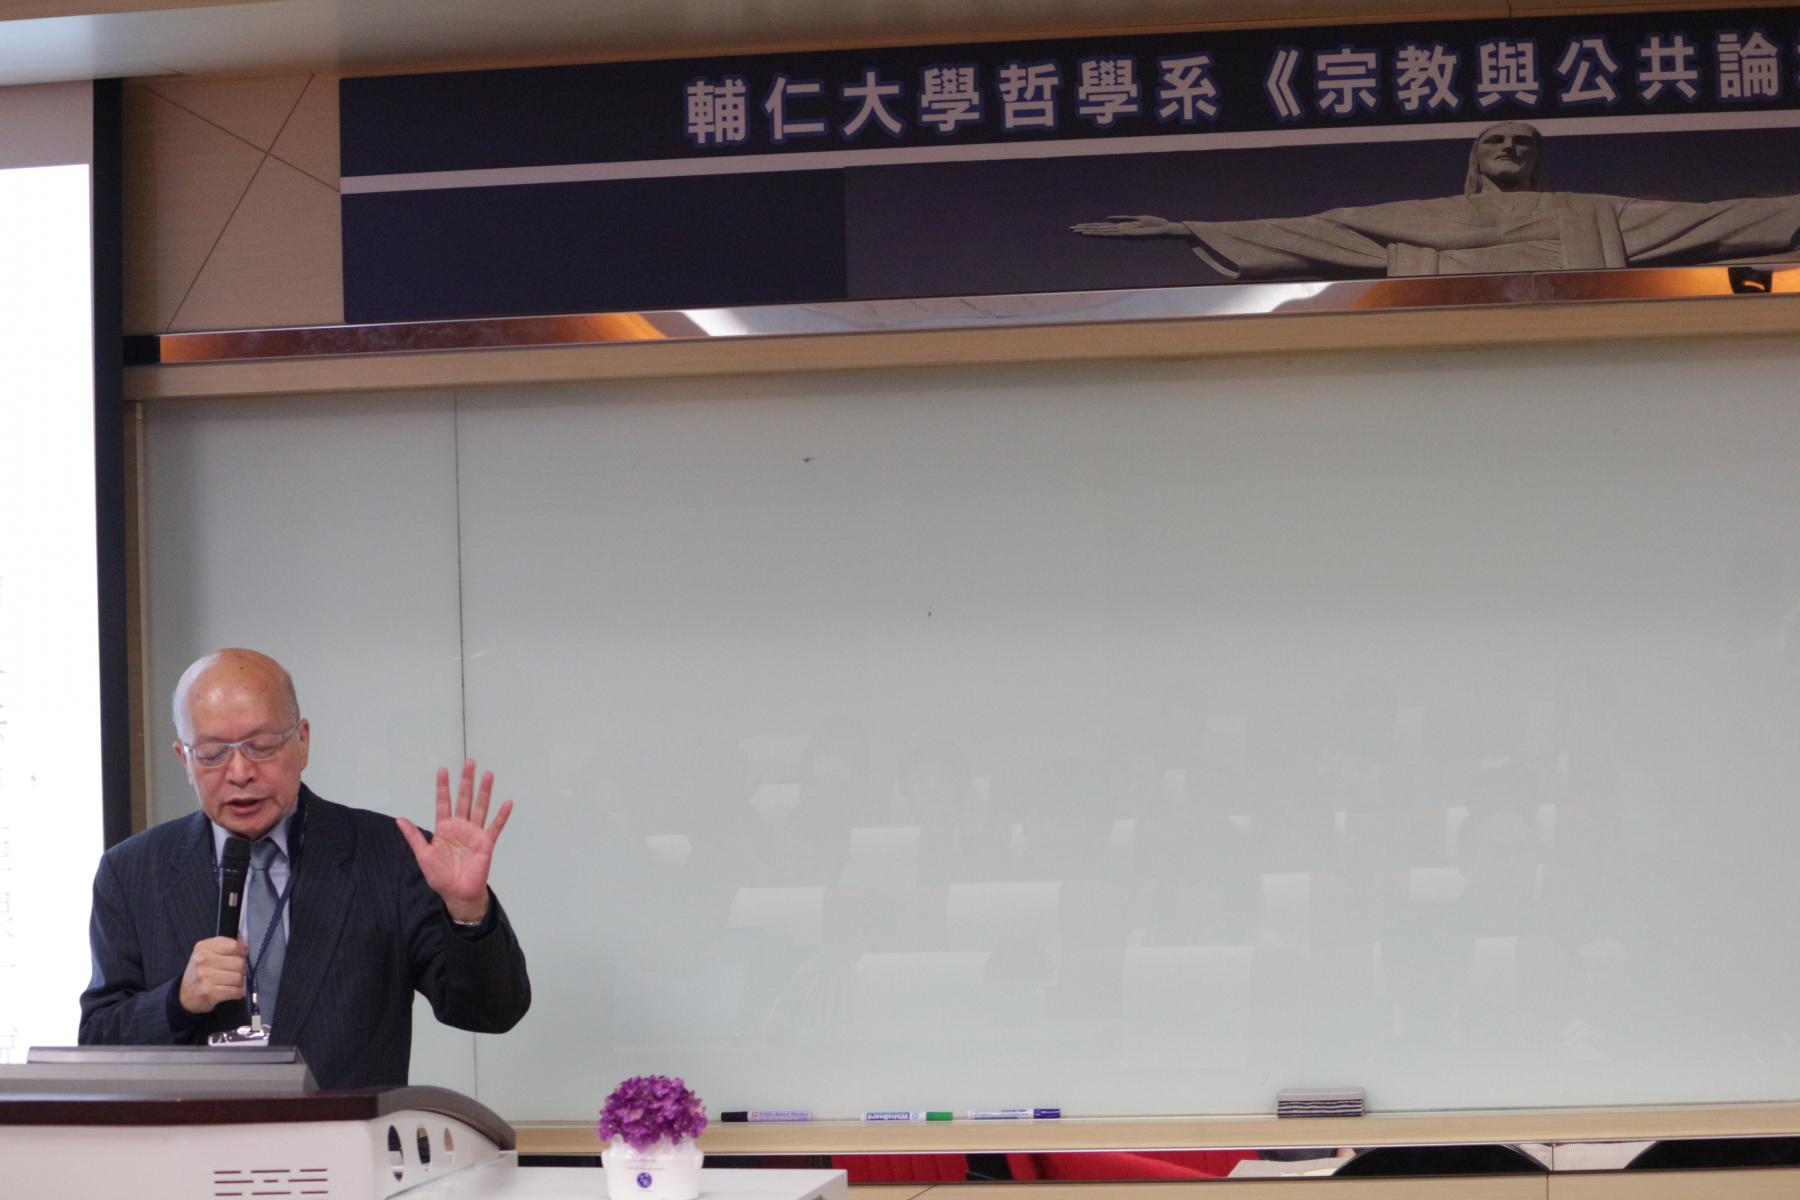 20161217宗教與公共論域研討會照片-6